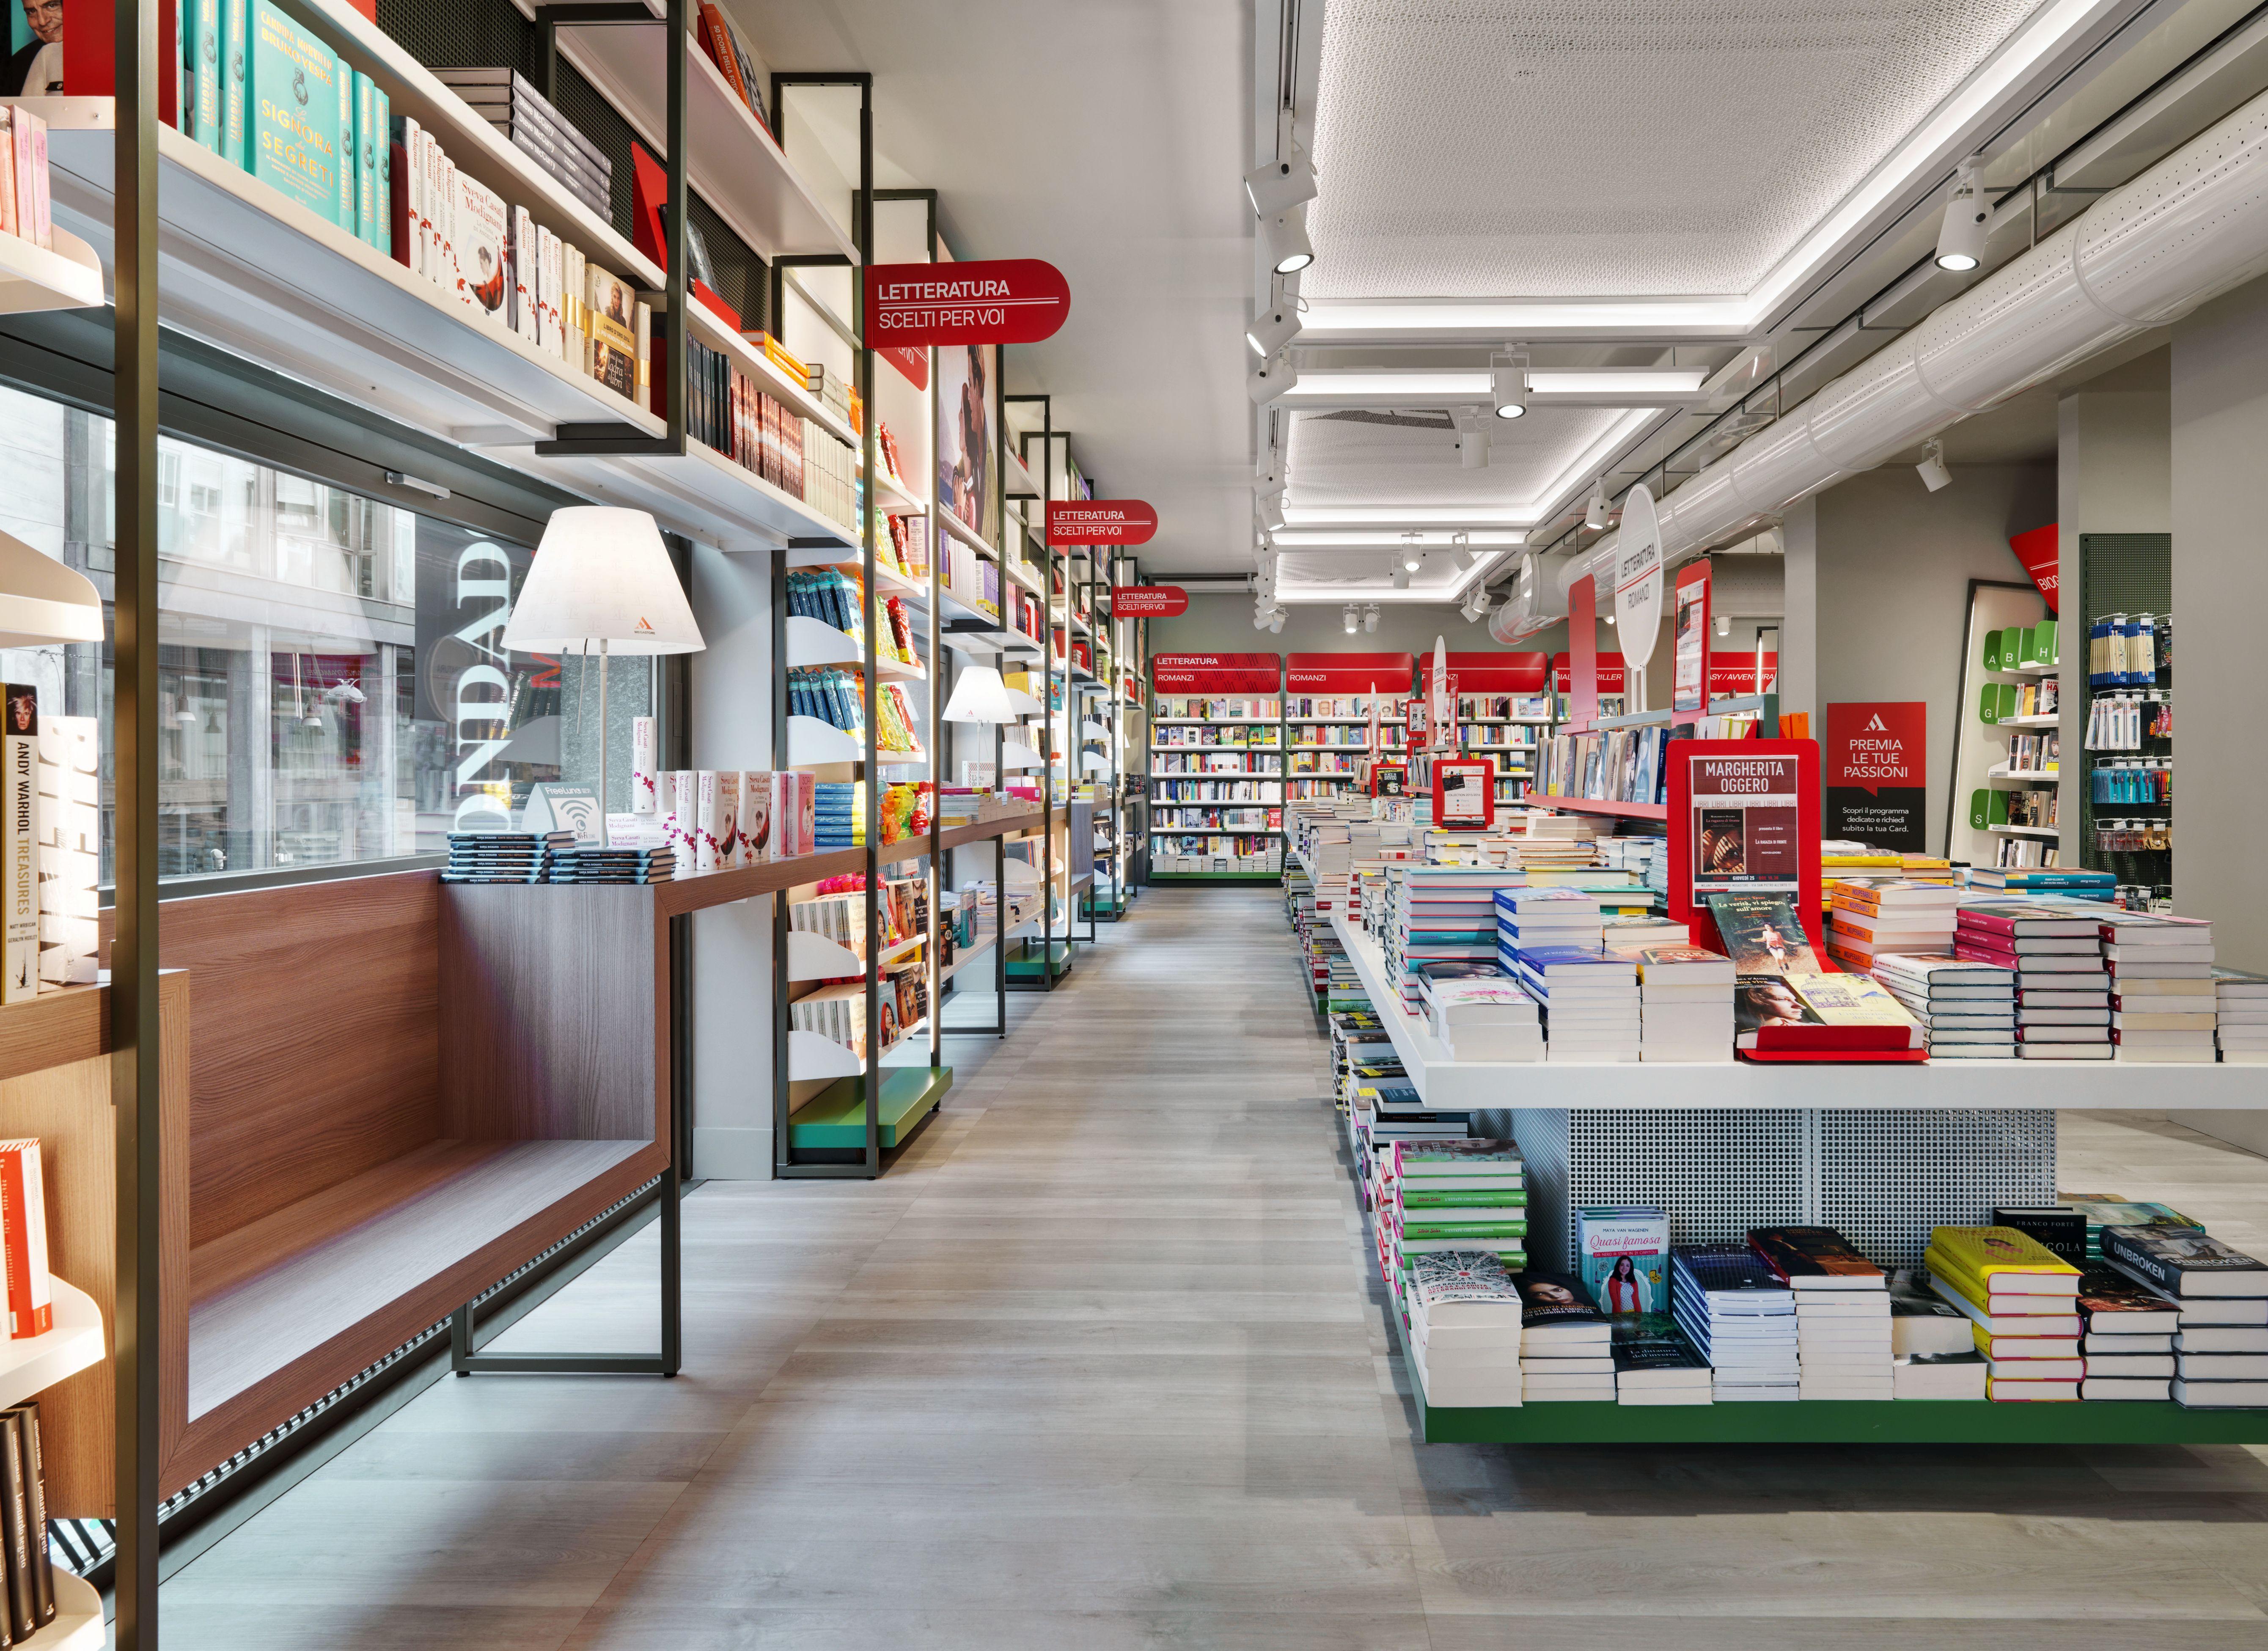 Vista d'insieme del nuovo concept store (courtesy photo: Andrea Martiradonna)